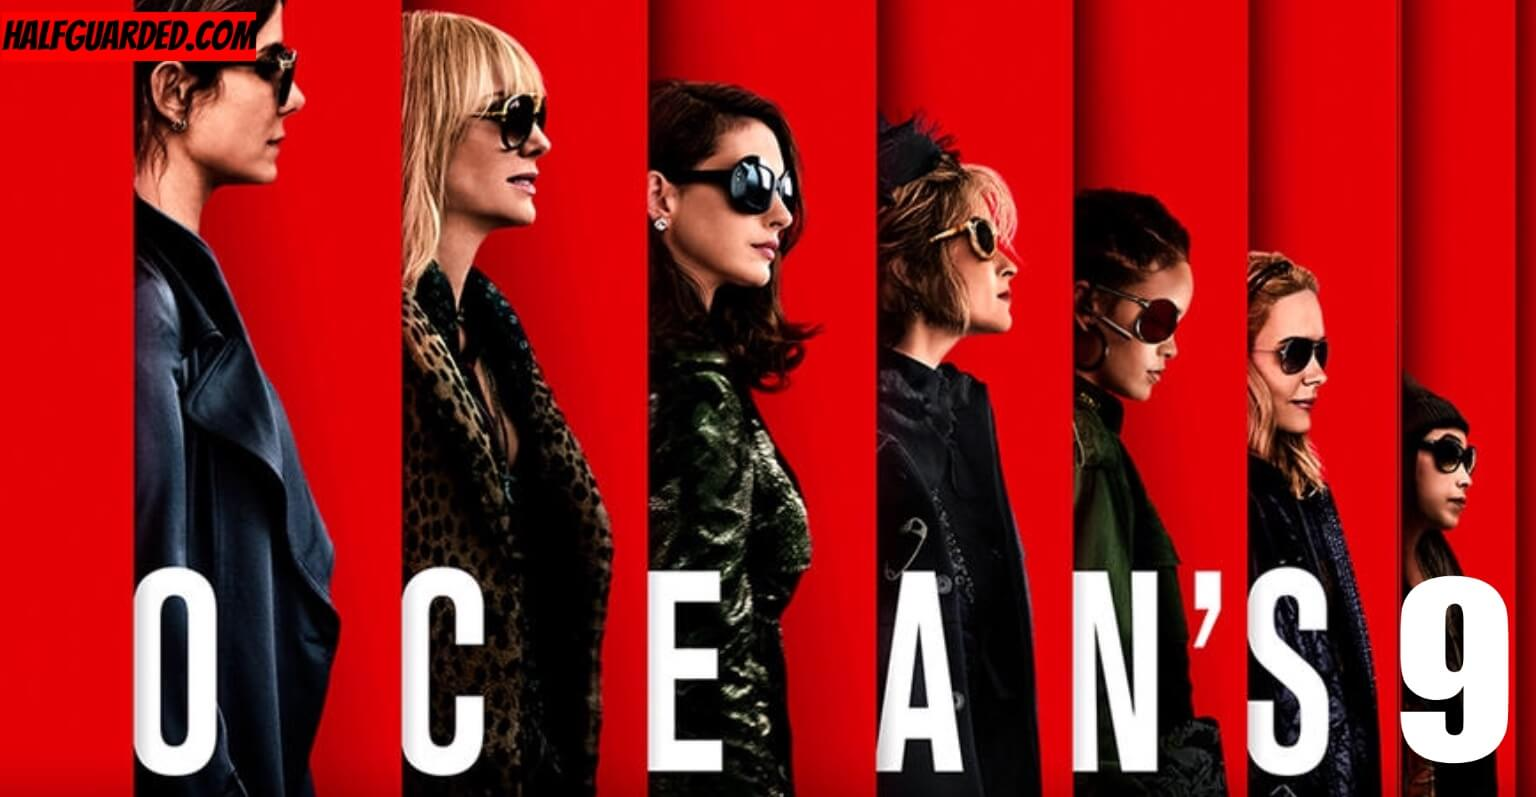 OceanS 9